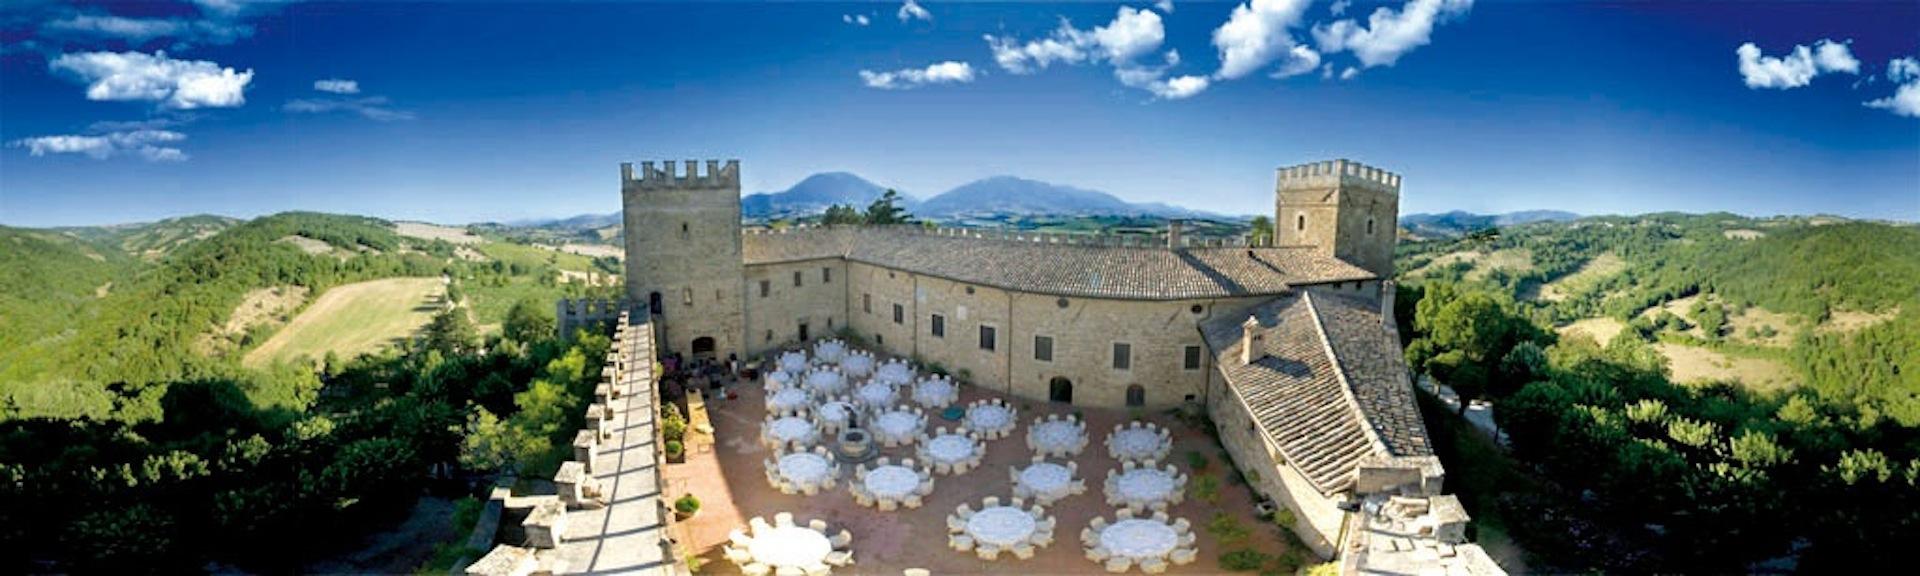 Rocca Ajello - Camerino